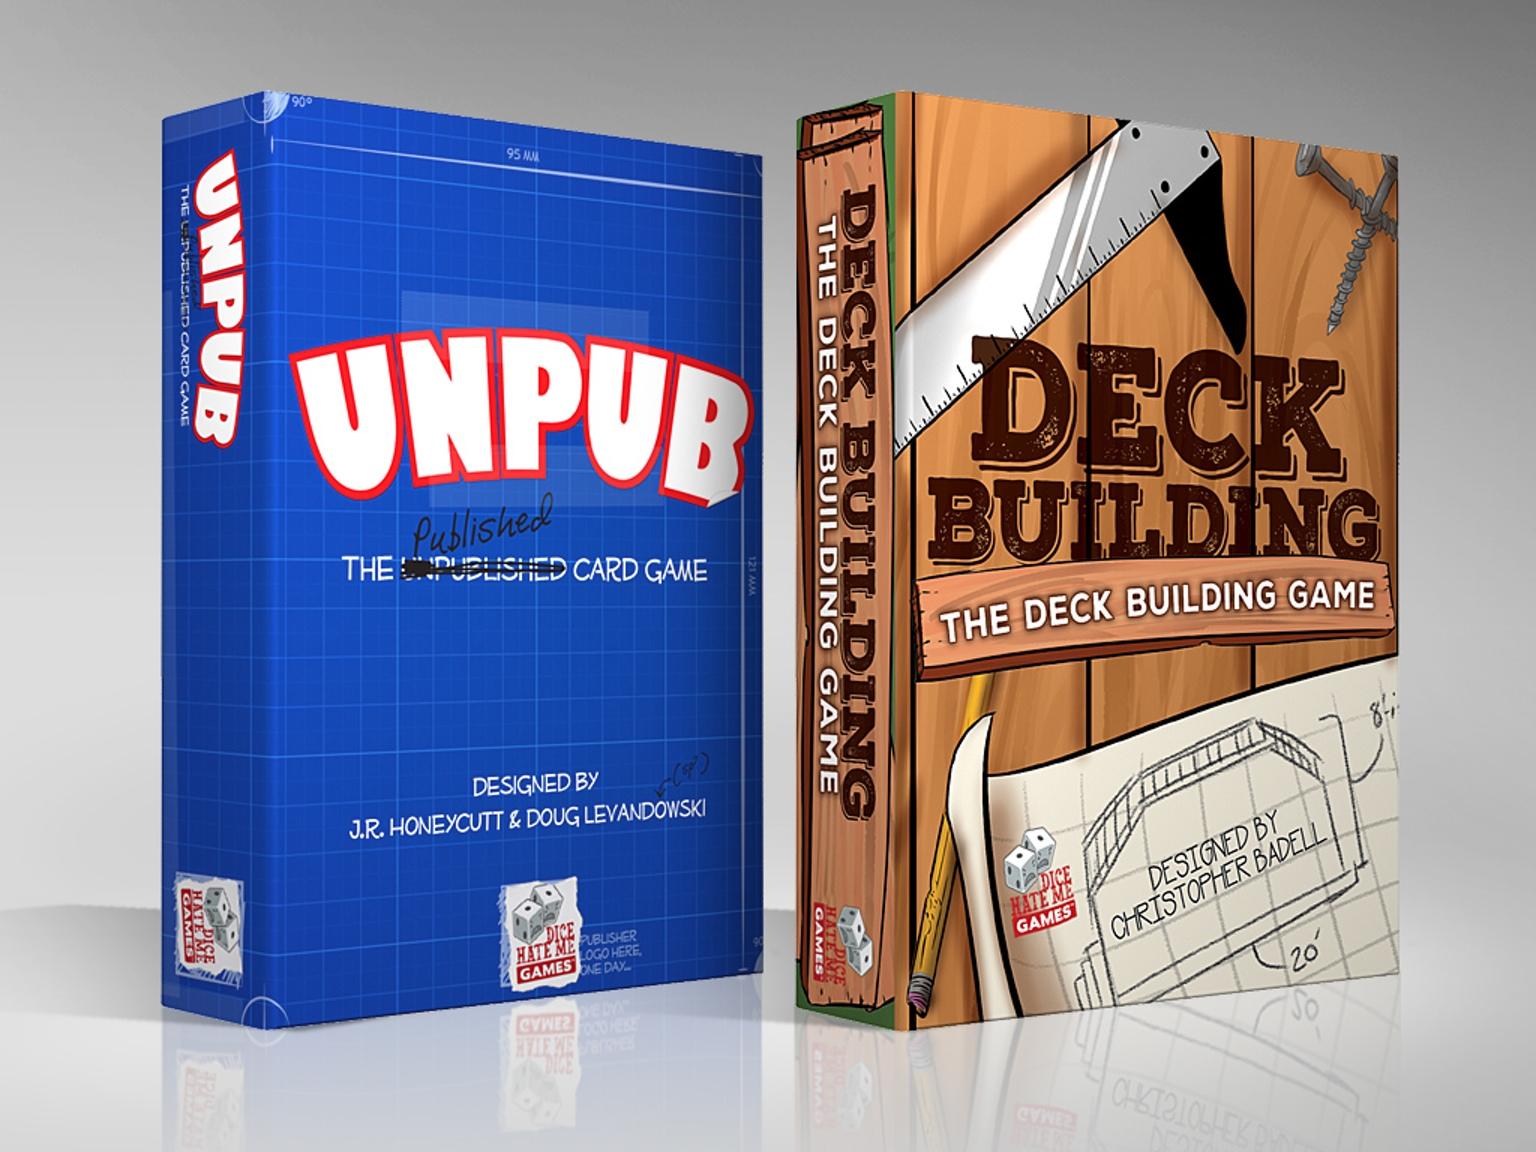 deckbuildgame